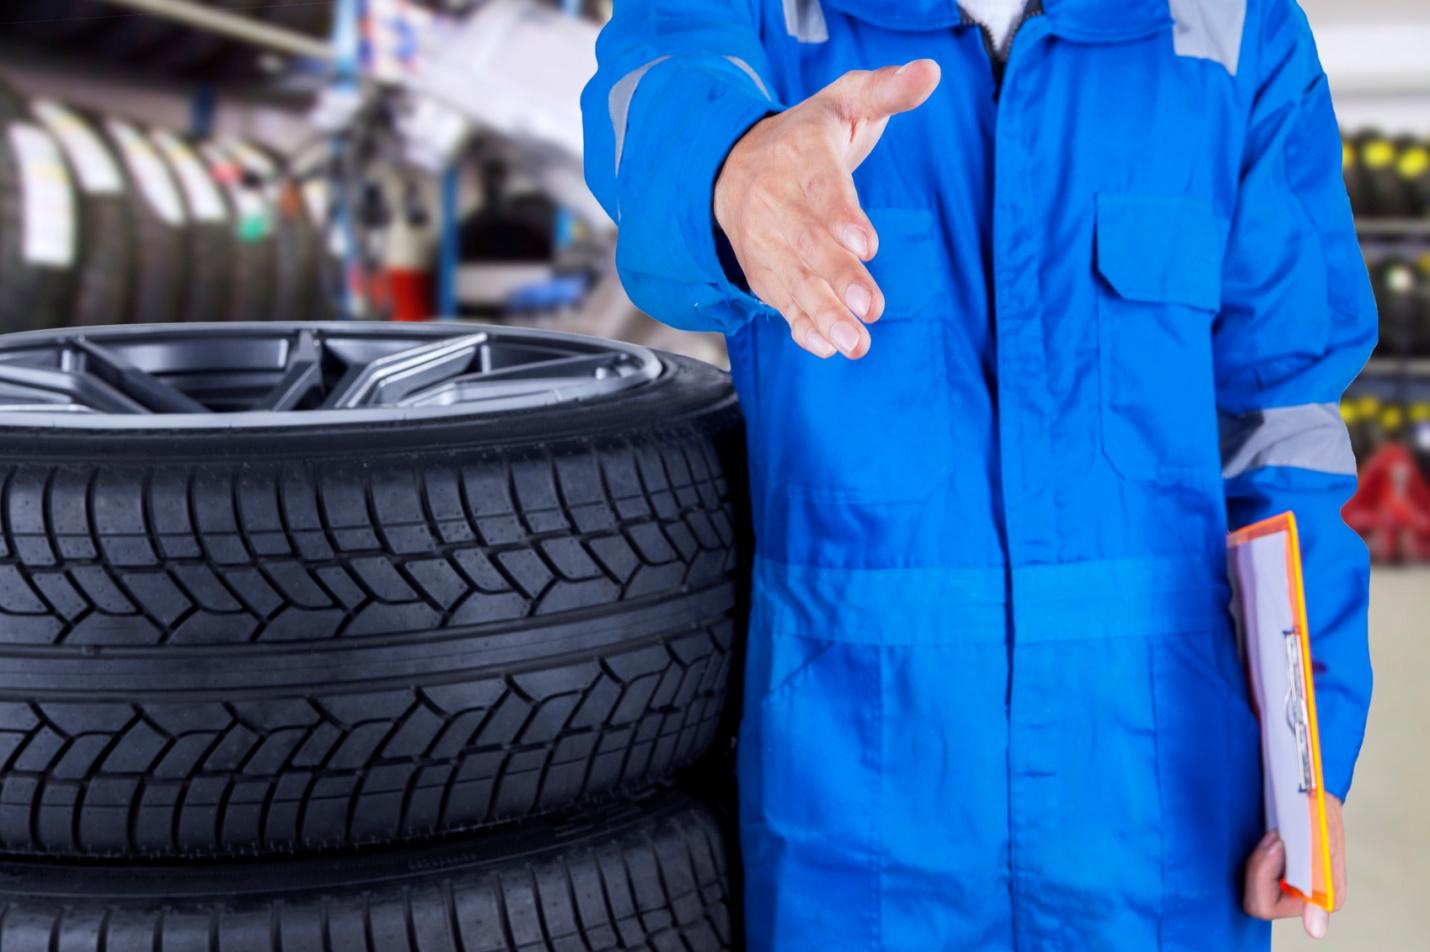 Vente de pneus: ce que les commis aux pièces doivent savoir pour demeurer compétitif